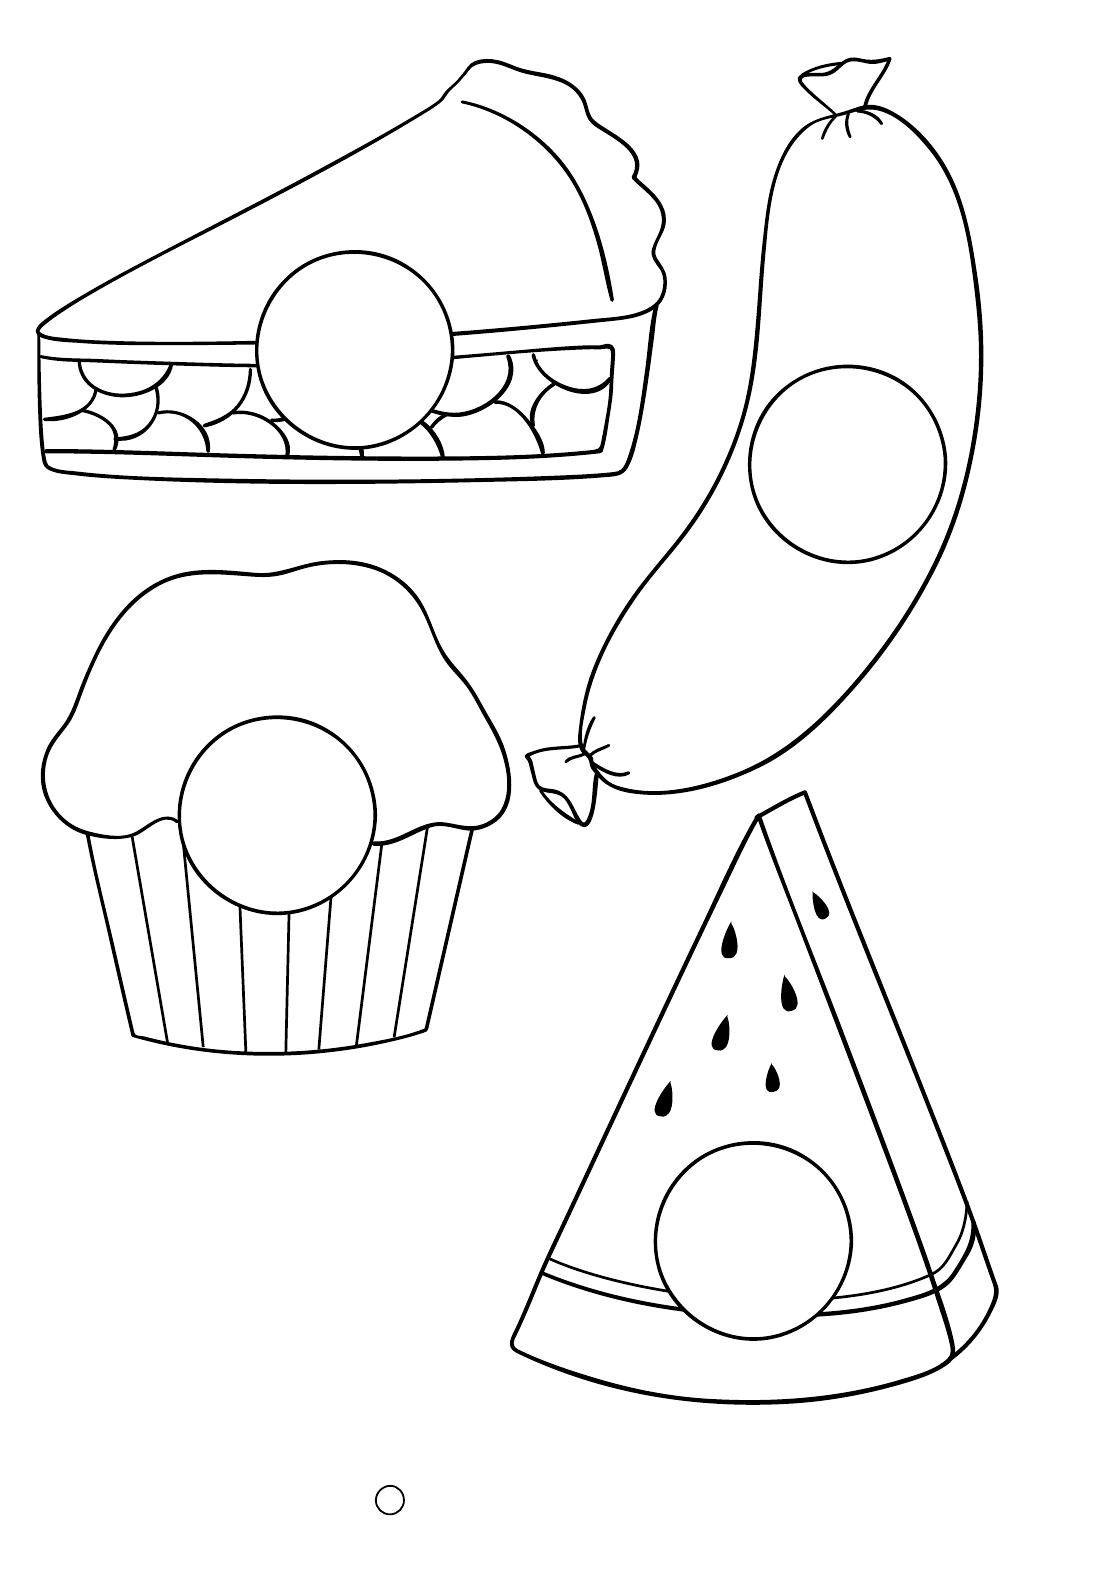 Pin od používateľa gabi na nástenke aktivity pre deti